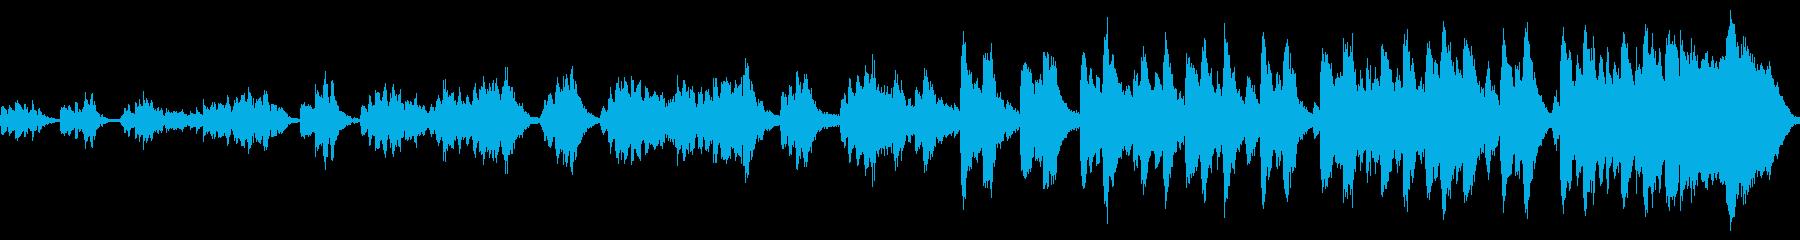 オーケストラ楽器。魔法のファンタジ...の再生済みの波形